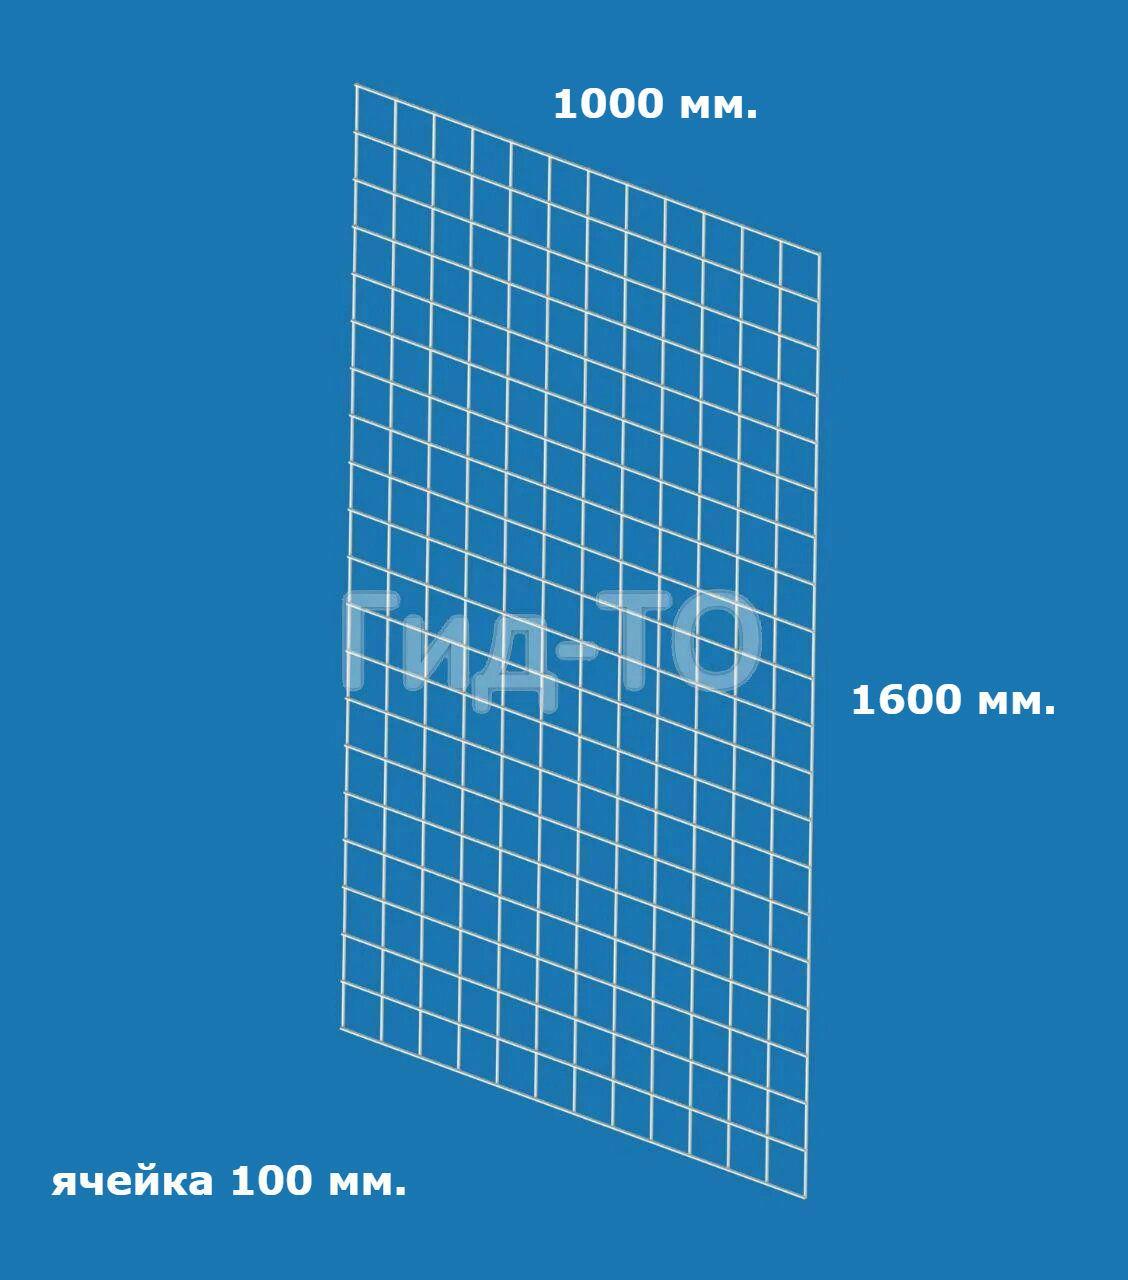 Сетка торговая (1600х1000) ячейка 100 мм.